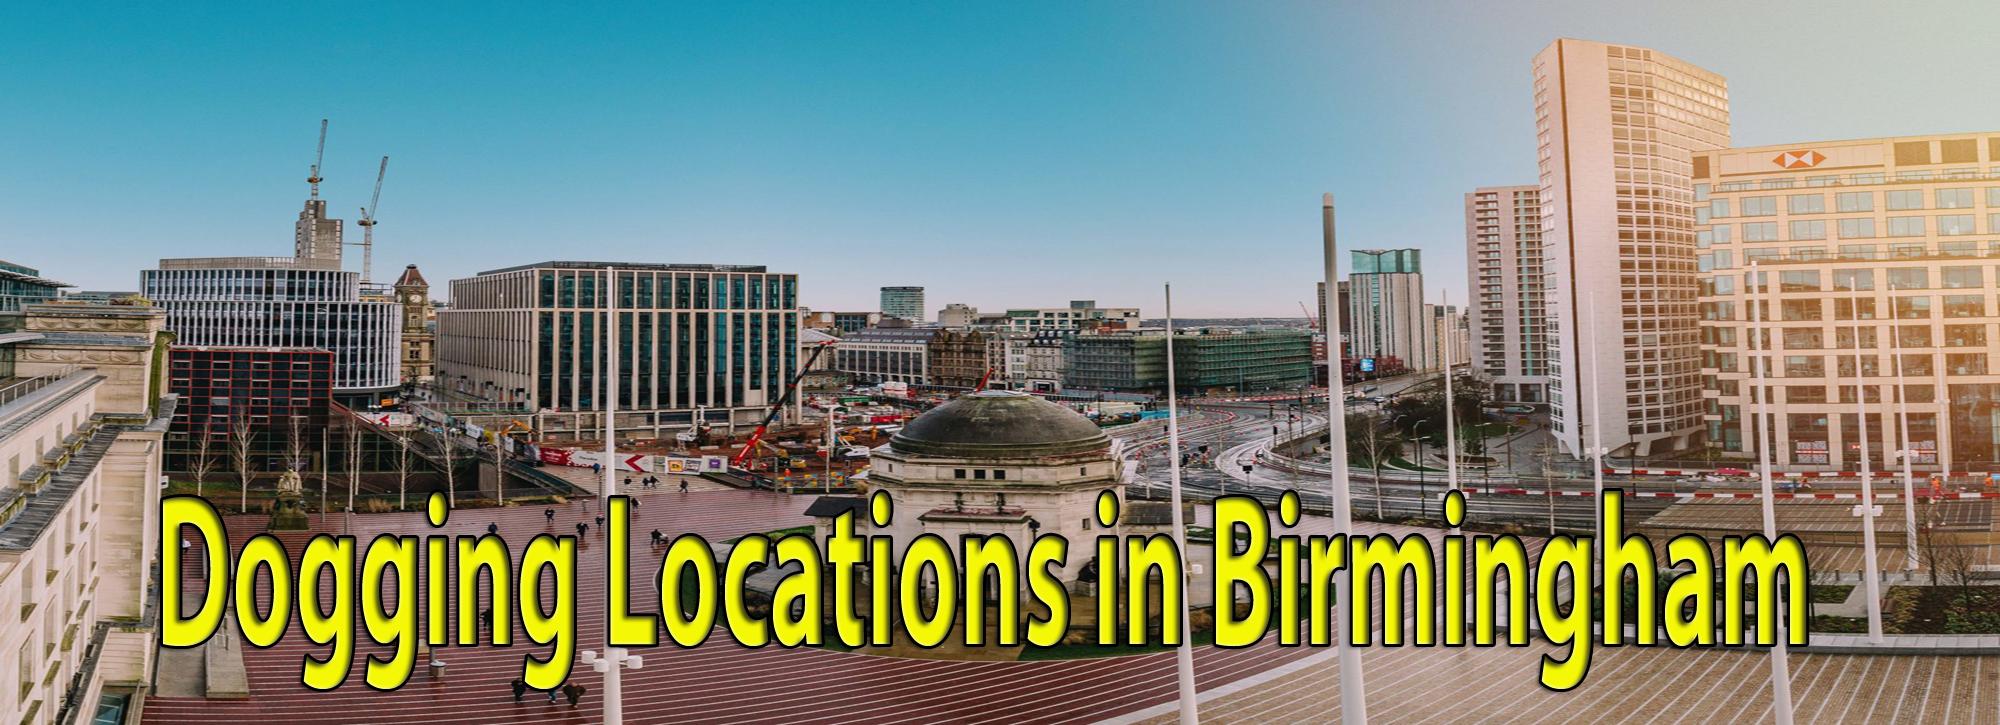 Dogging in Birmingham